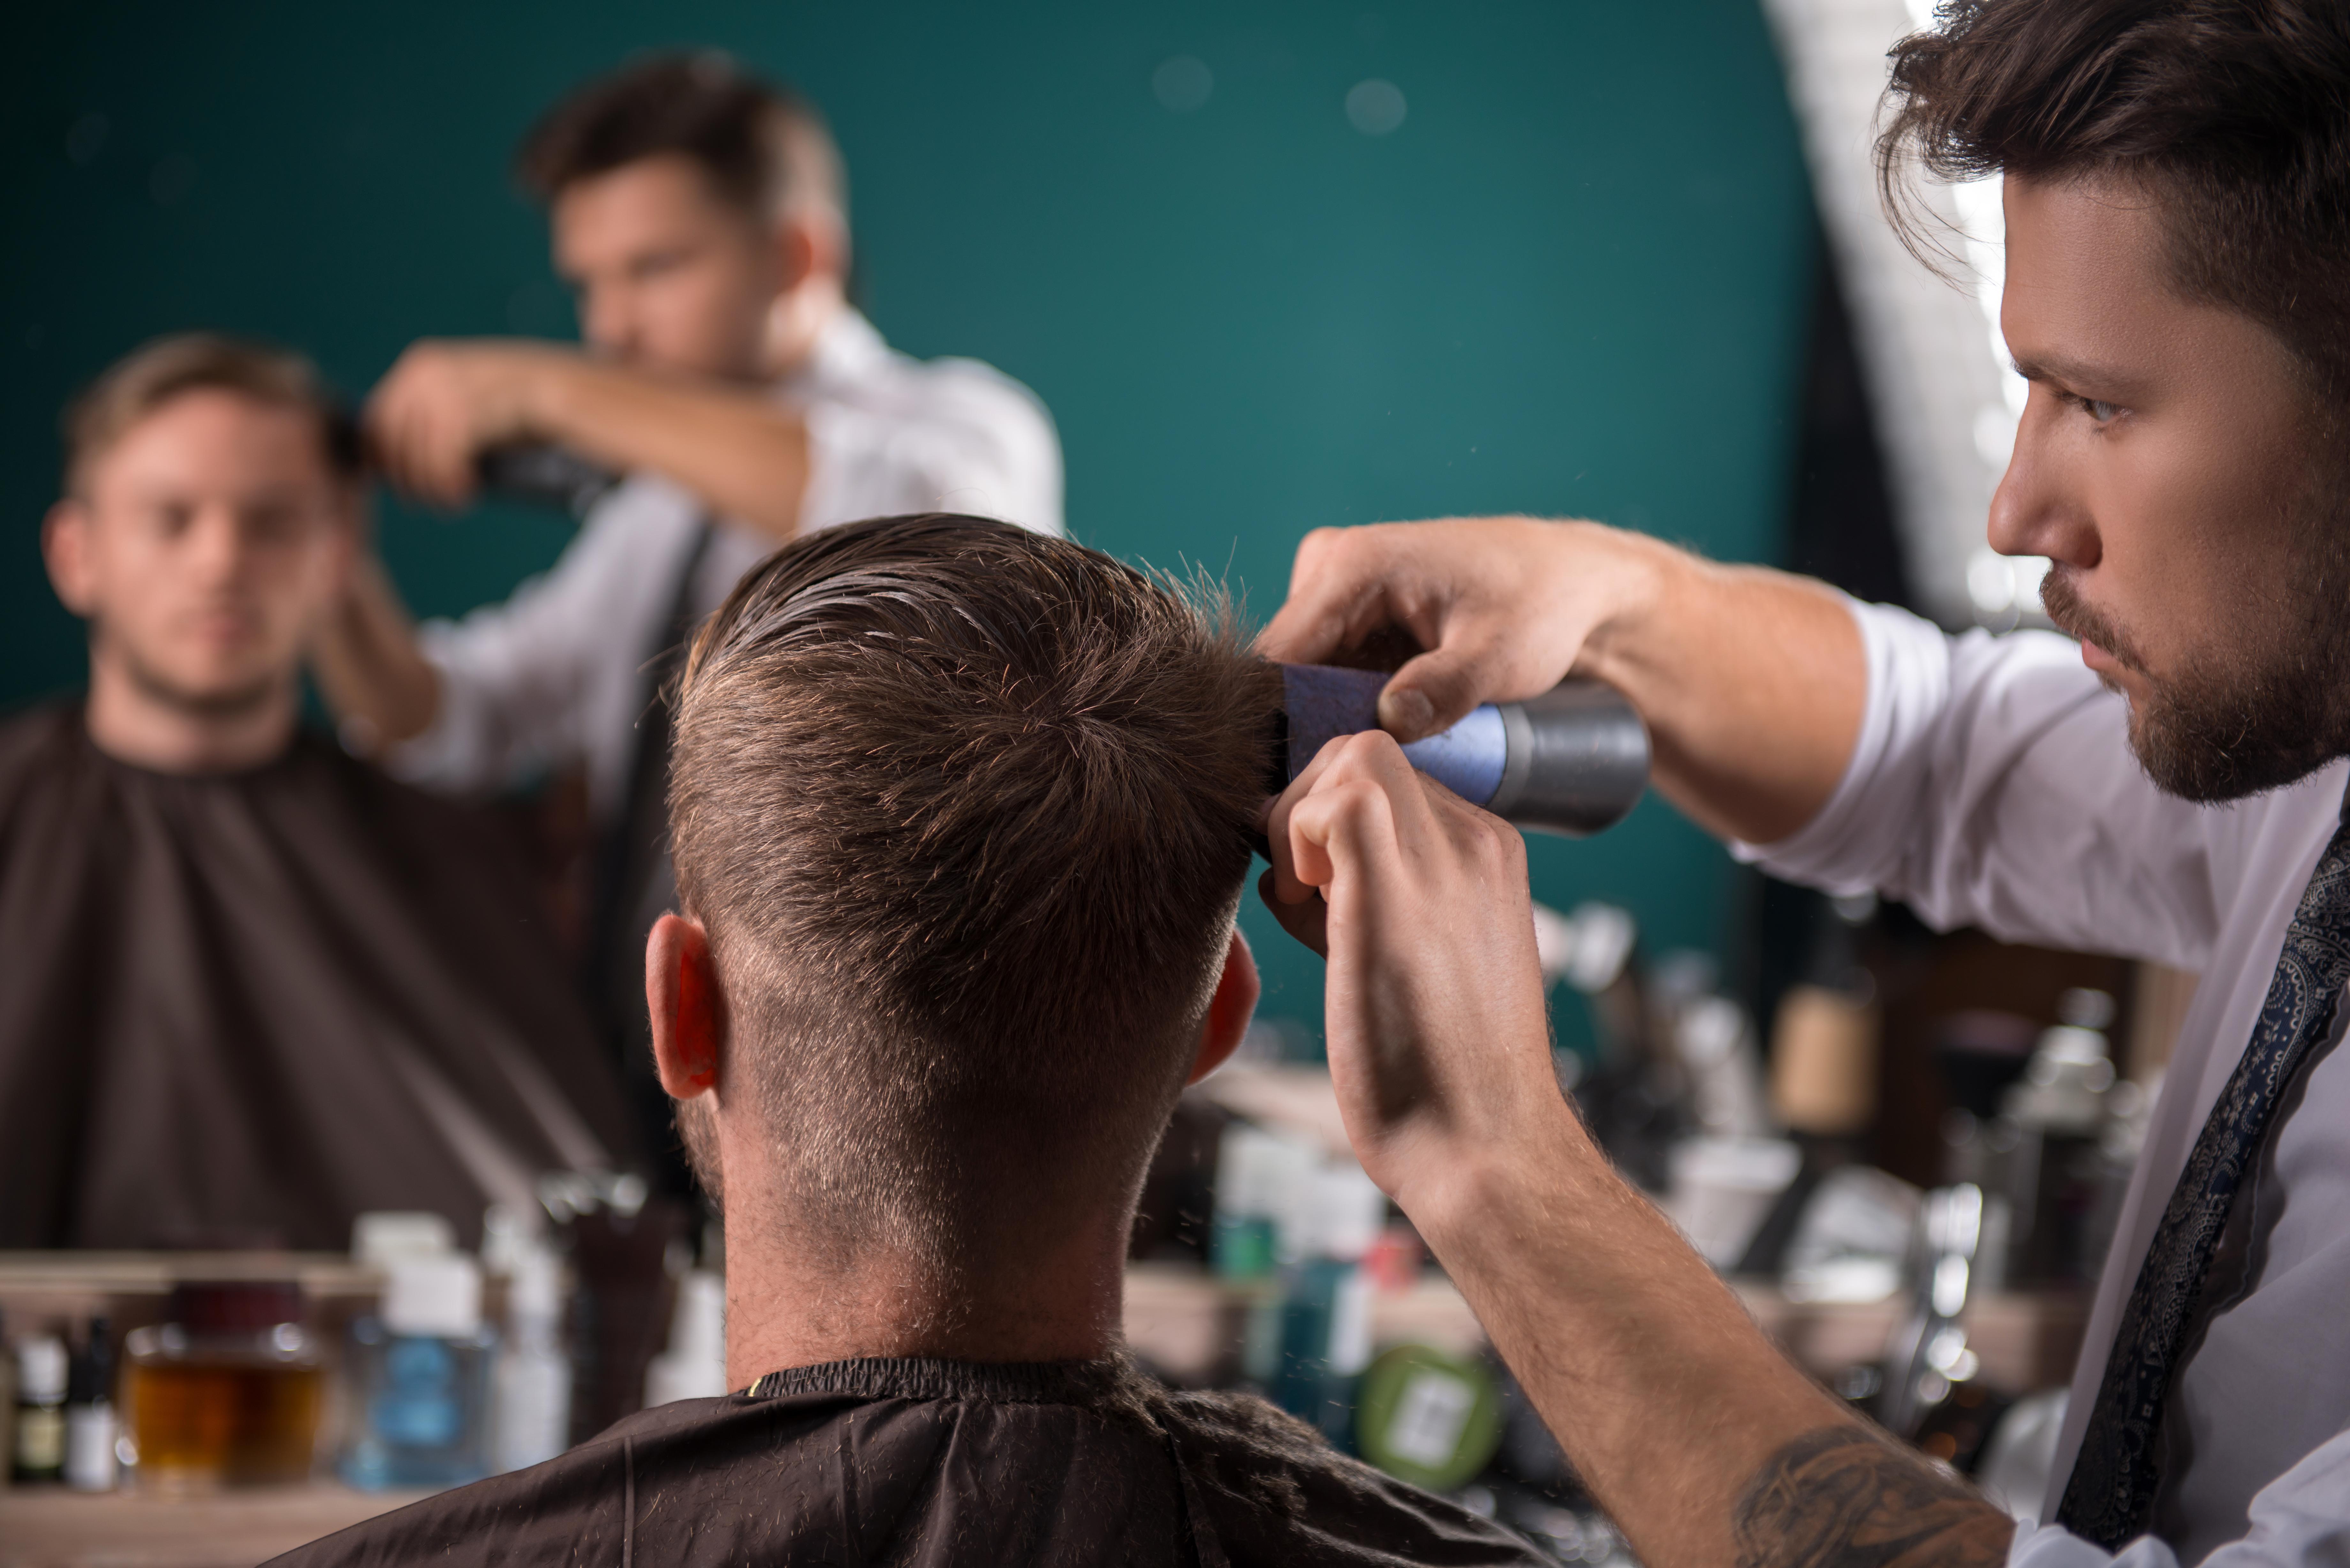 Il taglio capelli uomo perfetto? Ecco come sceglierlo!